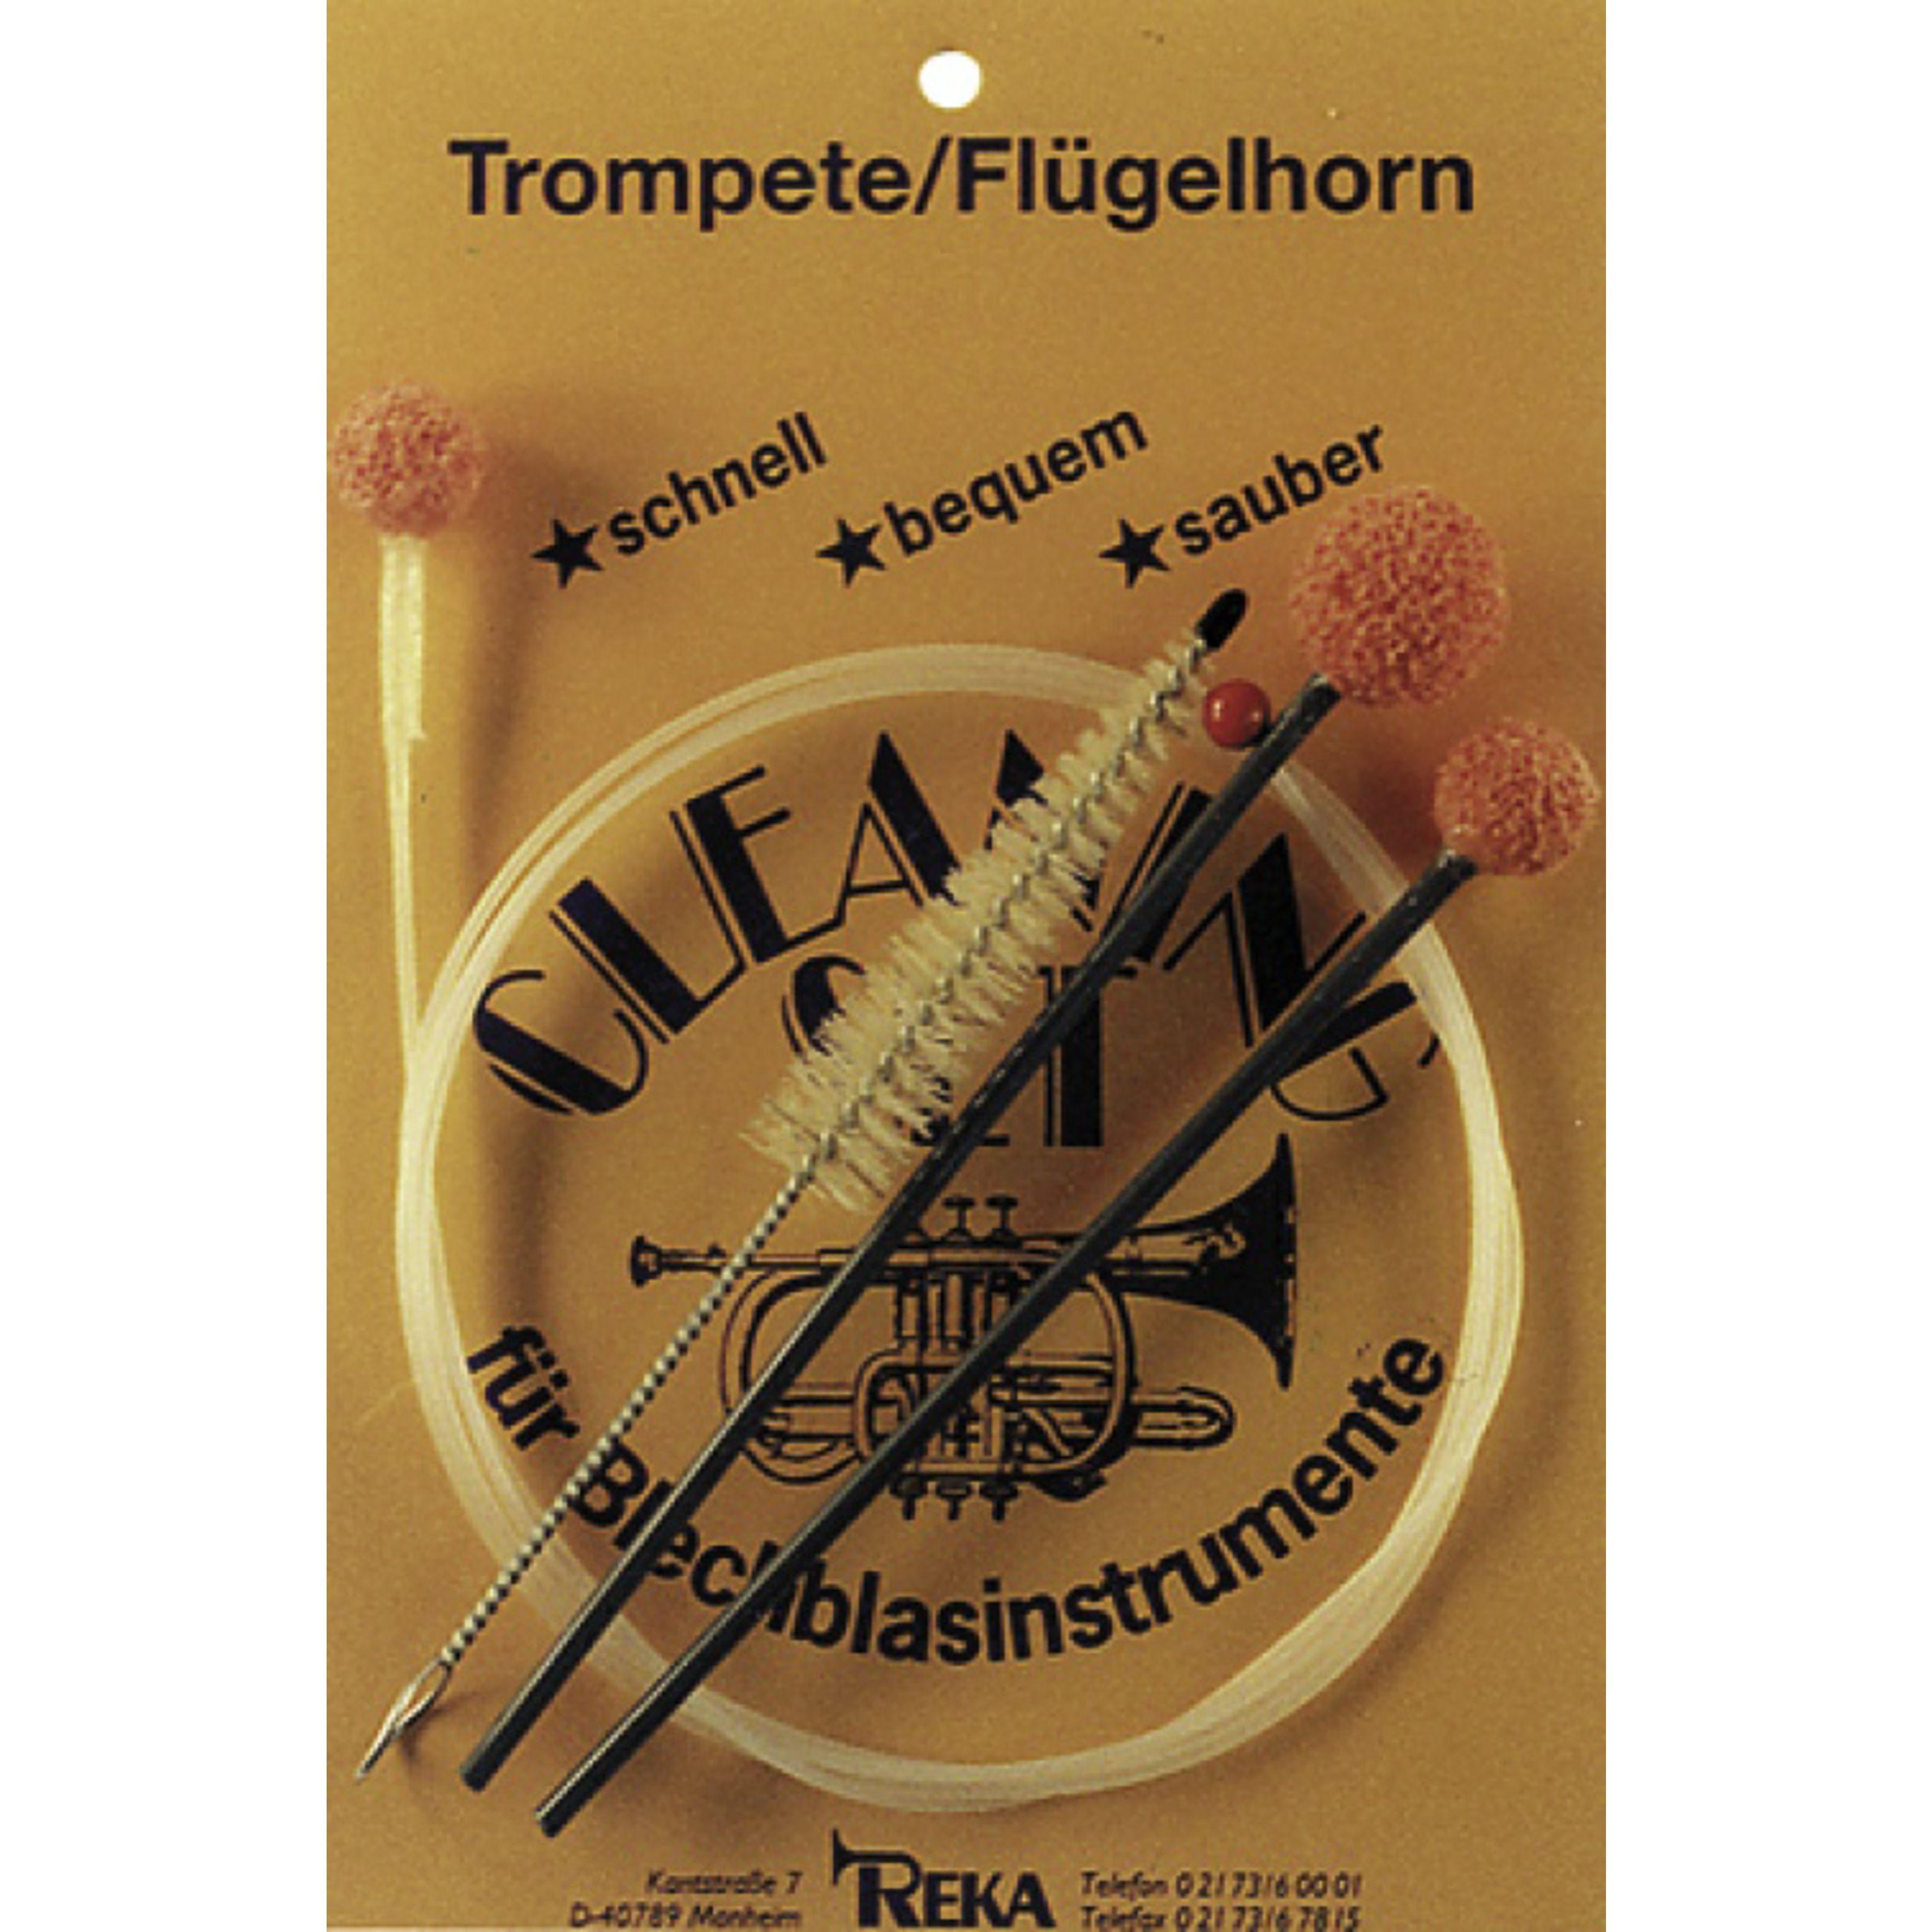 REKA - Reinigungsset für Trompete/Flügelhorn